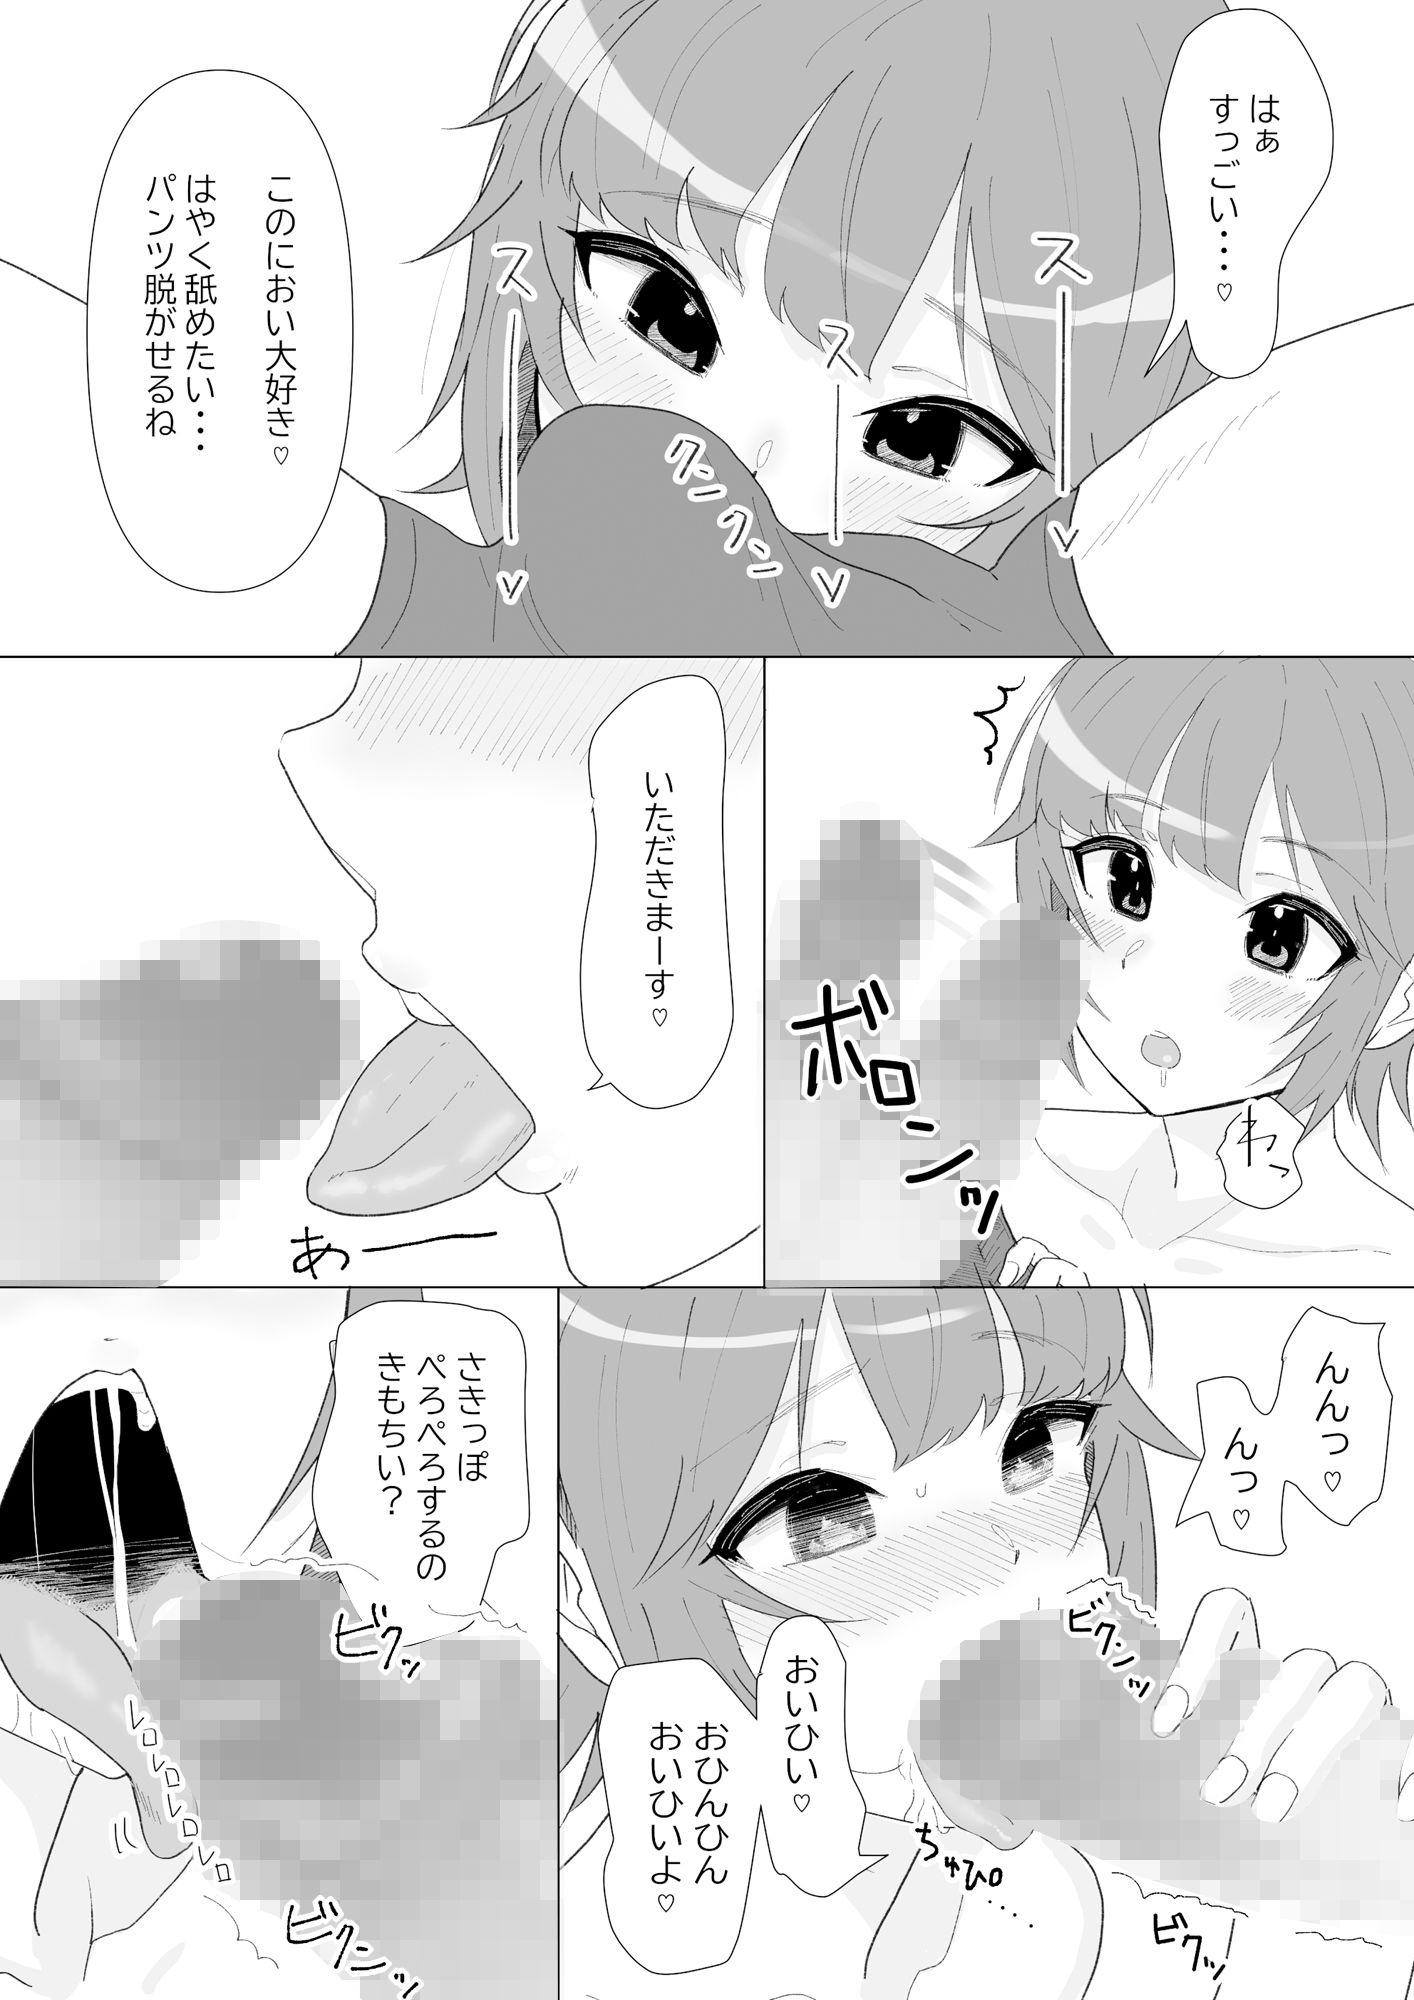 https://www.dmm.co.jp/dc/doujin/-/detail/=/cid=d_188803/